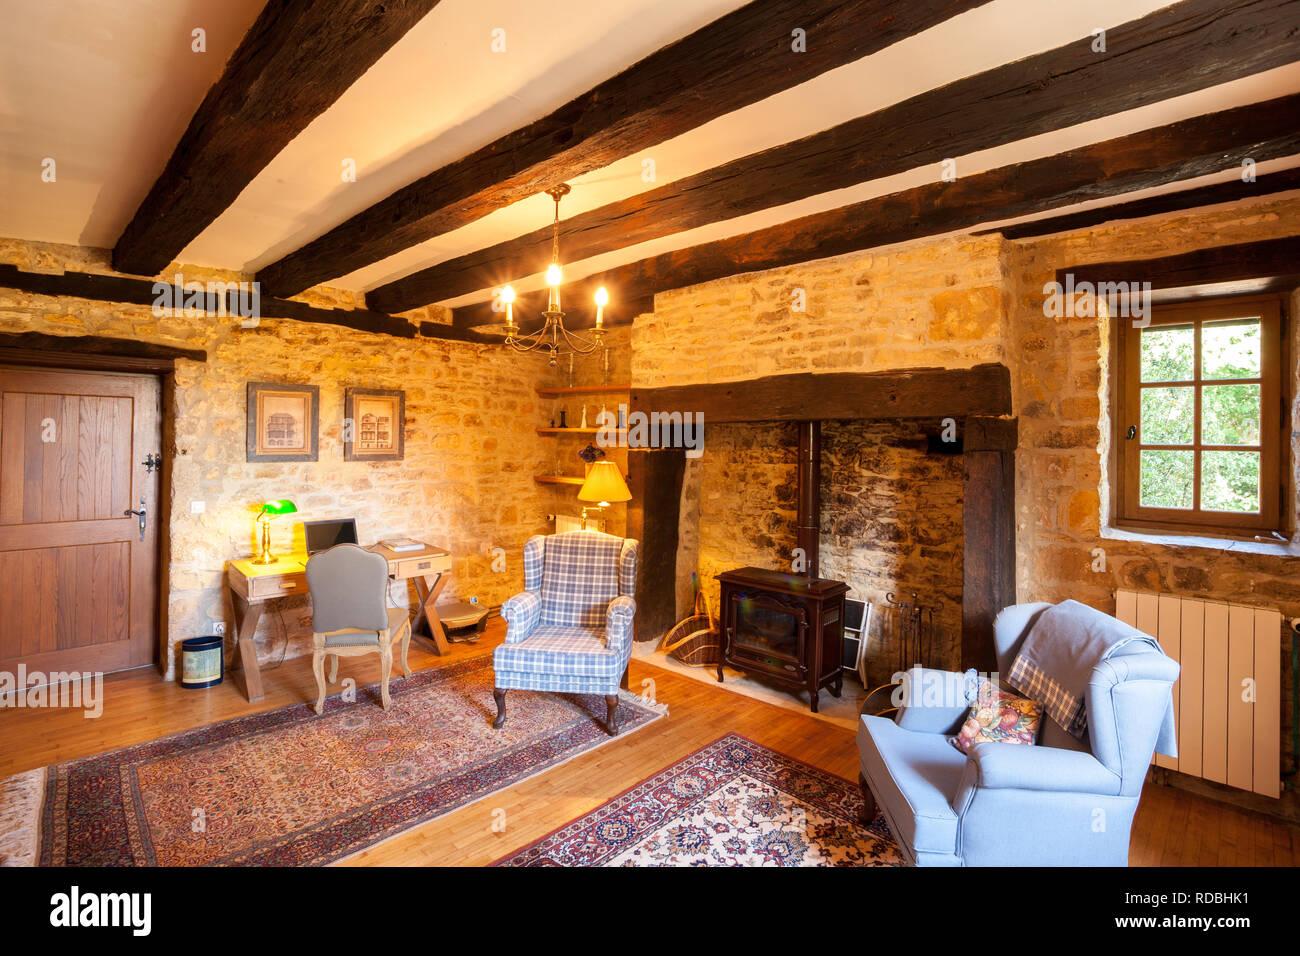 Innenraum Eines Traditionellen Franzosischen Bauernhaus Wohnzimmer Mit Steinernen Wanden Und Grossen Kamin Stockfotografie Alamy